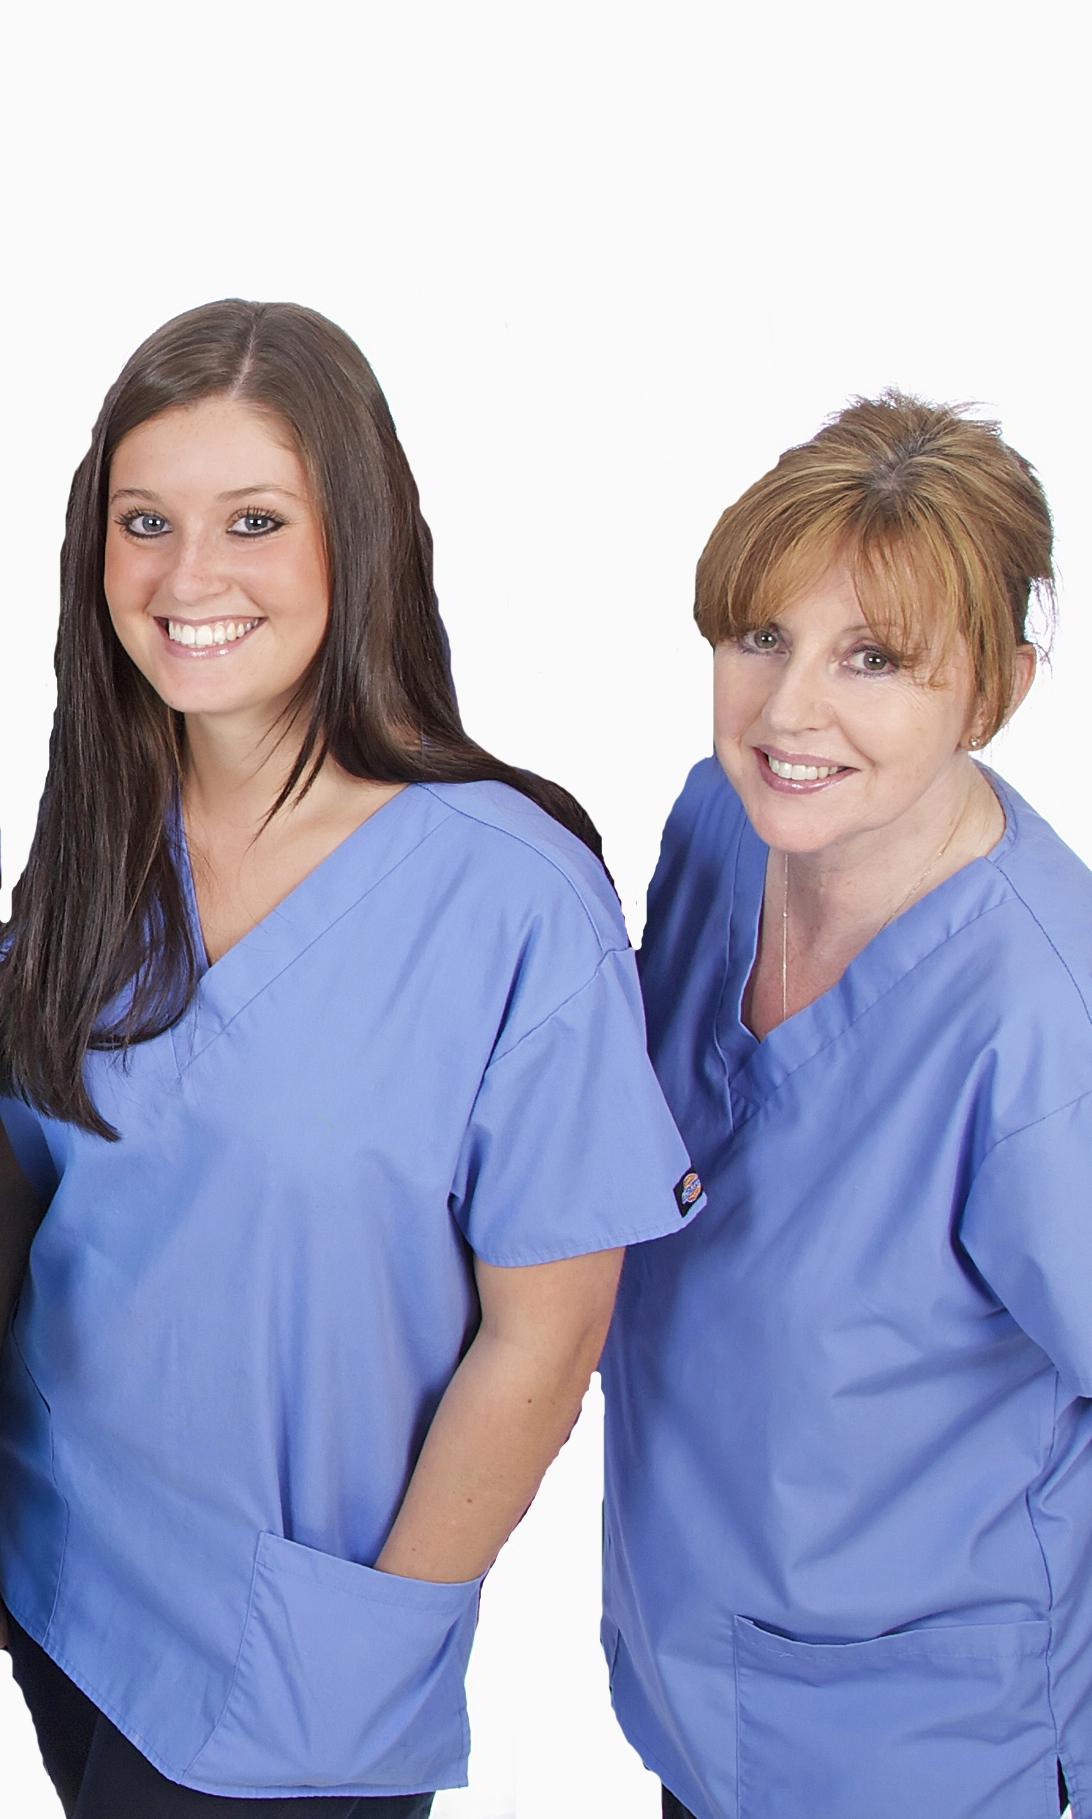 Dental N  urses   Chloe Henderson & JulieHendrick